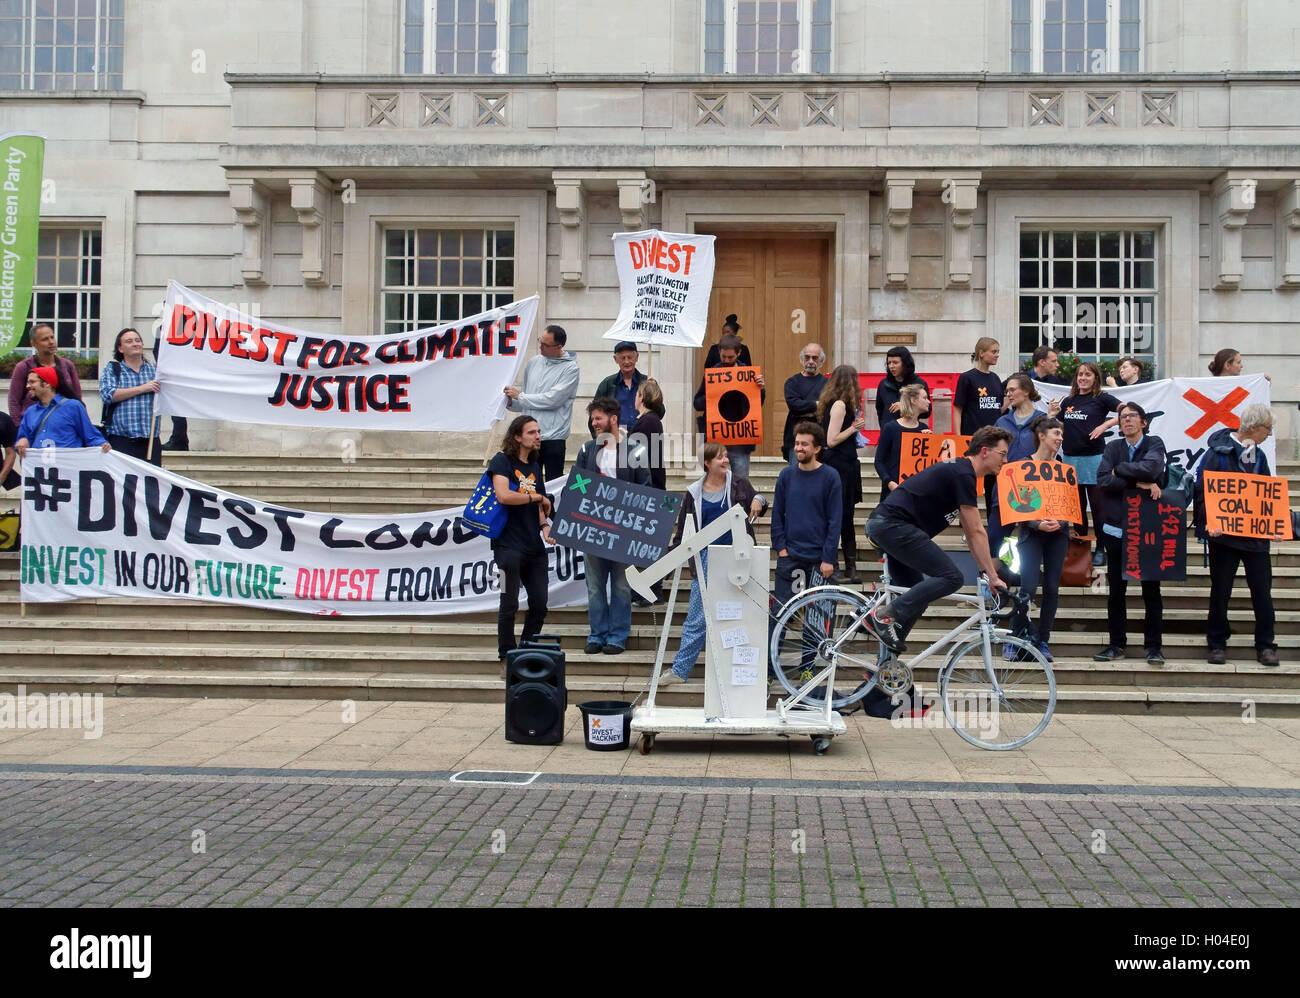 Le changement climatique protestataires manifester contre l'utilisation de combustibles fossiles à l'extérieur Photo Stock